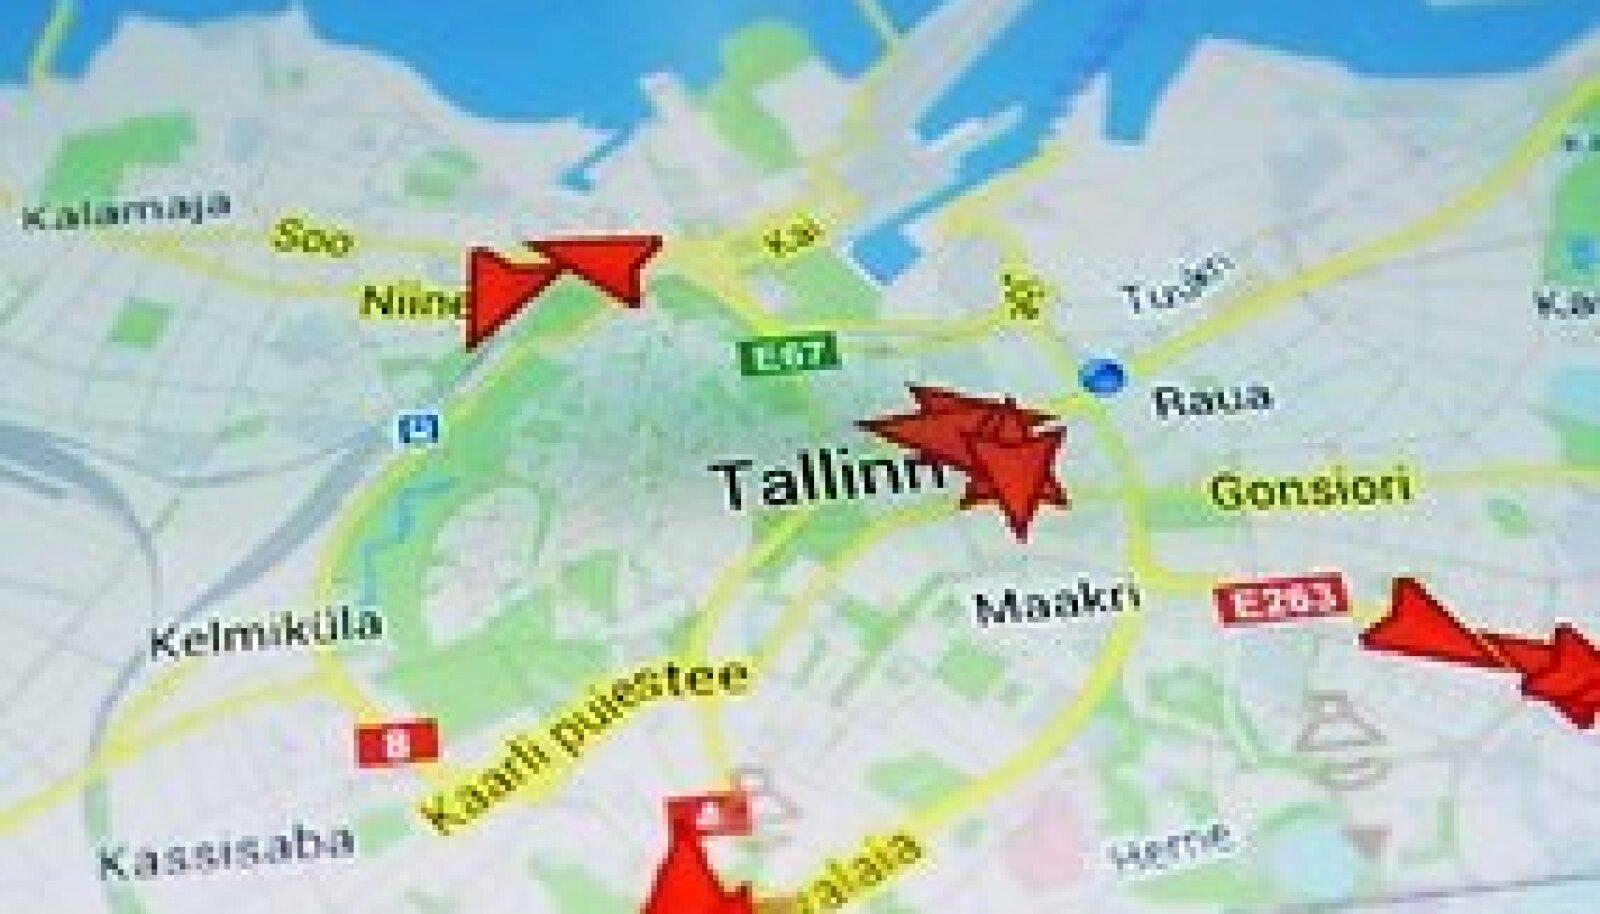 Угадайте, что за маршруты показаны на карте?